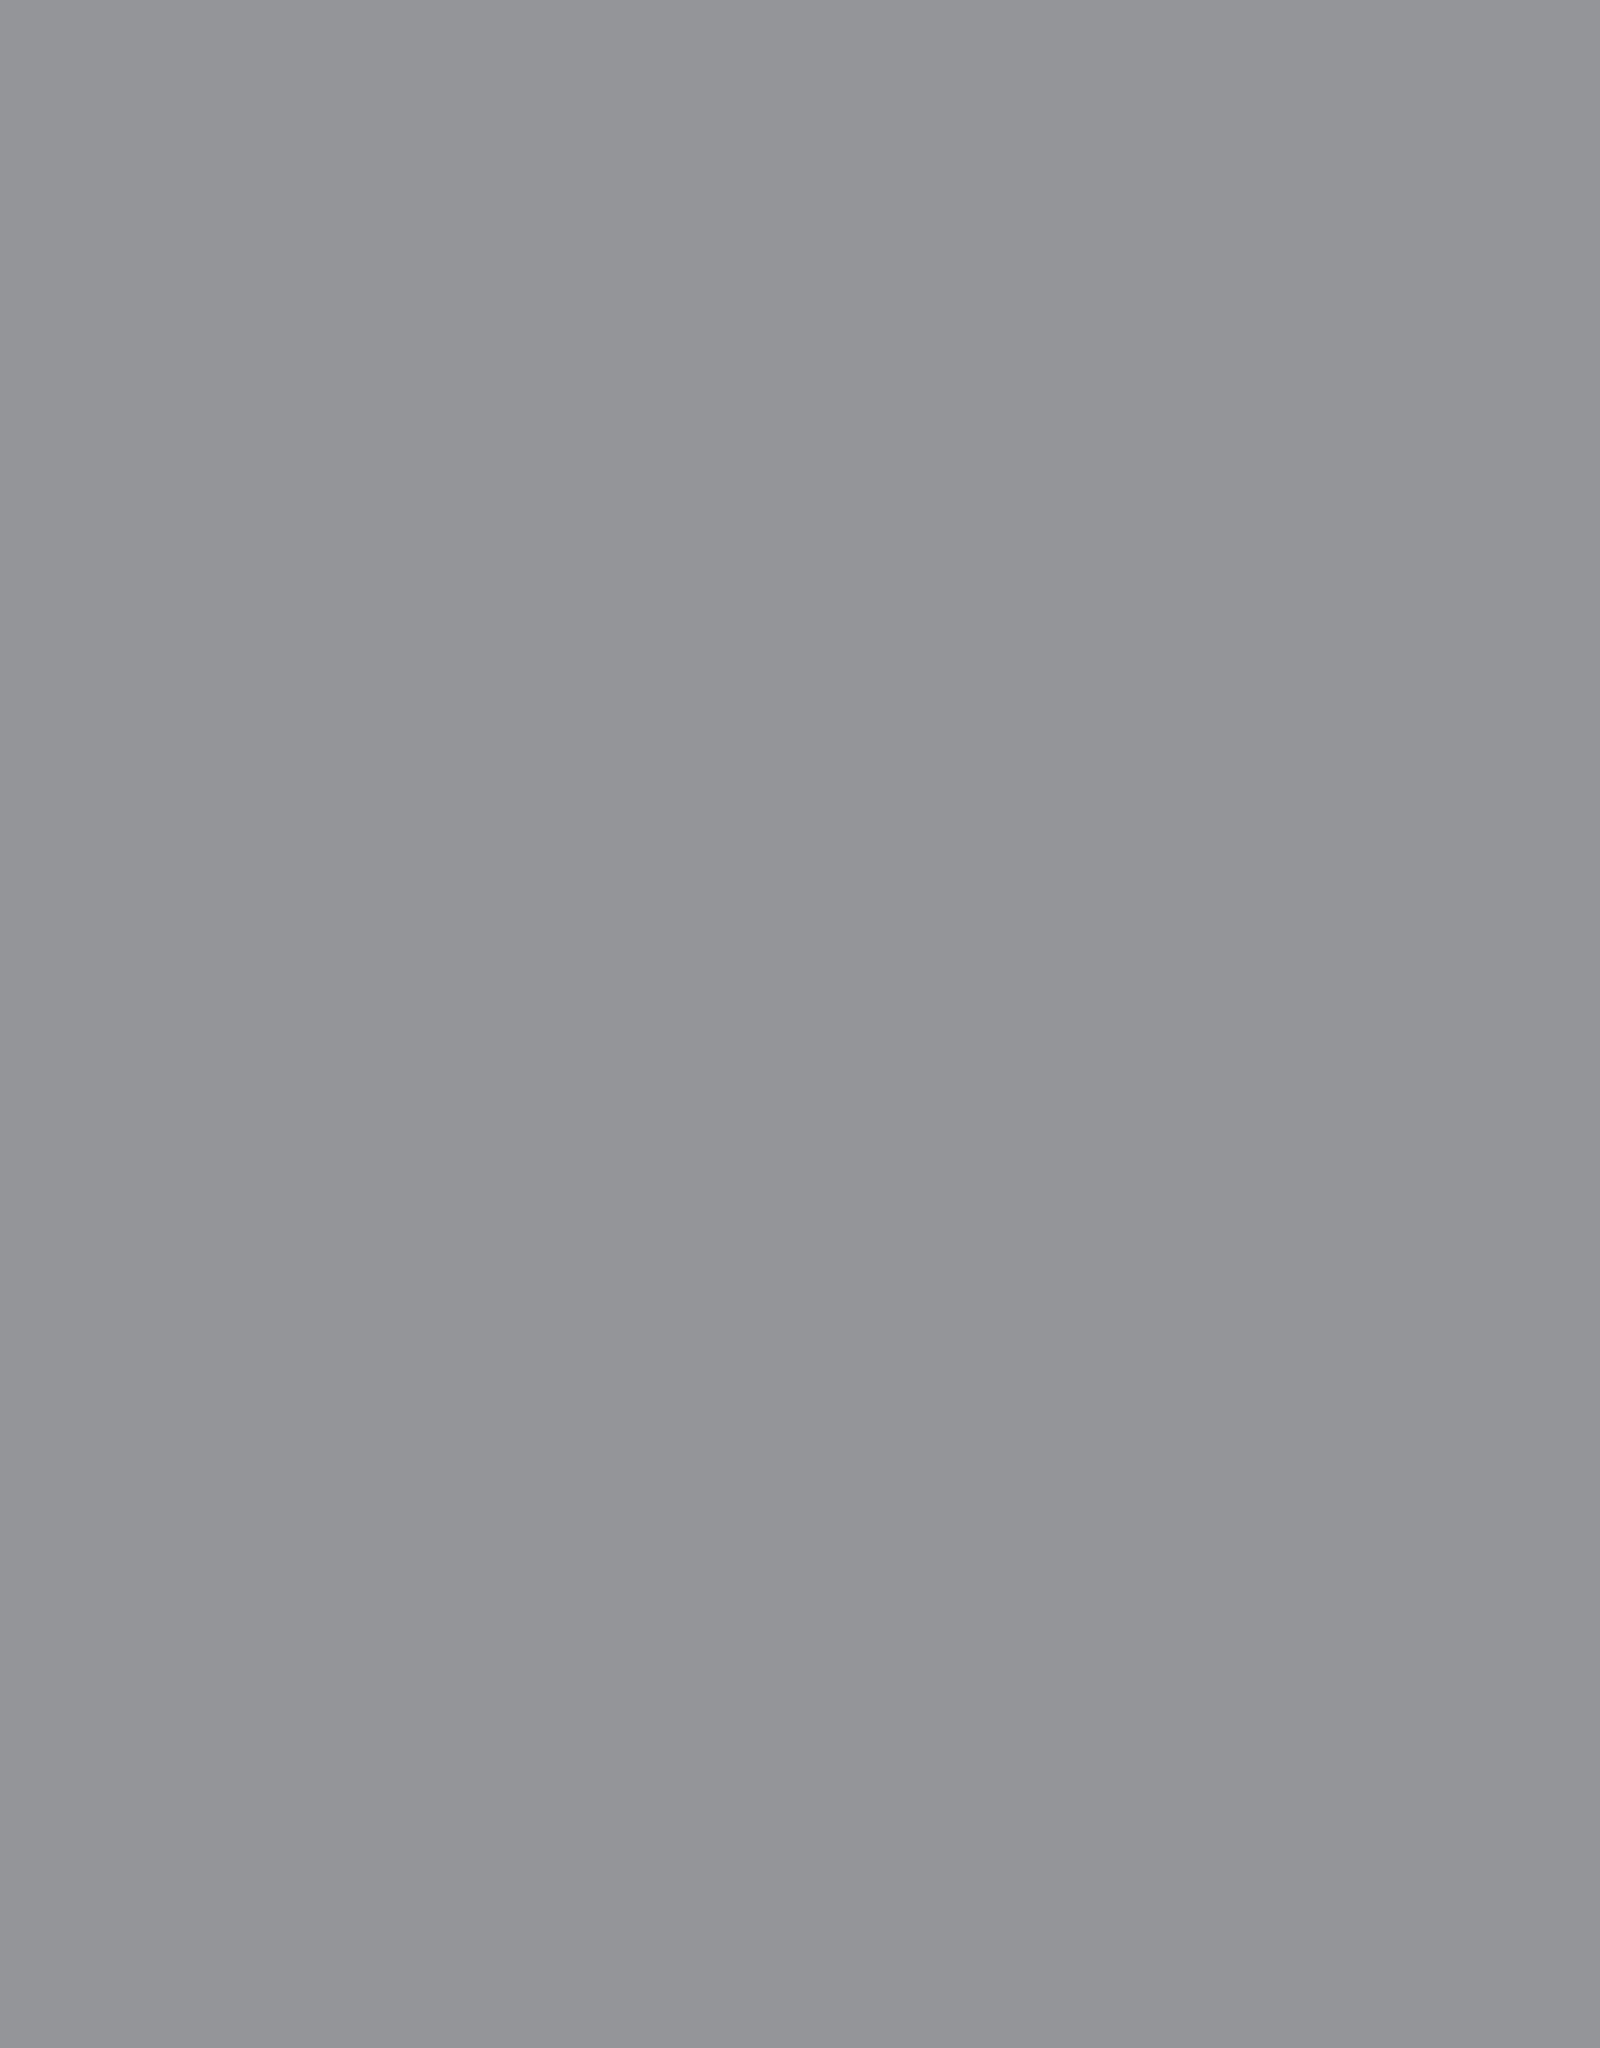 Superior Seamless Superior Seamless Lunar Grey #71